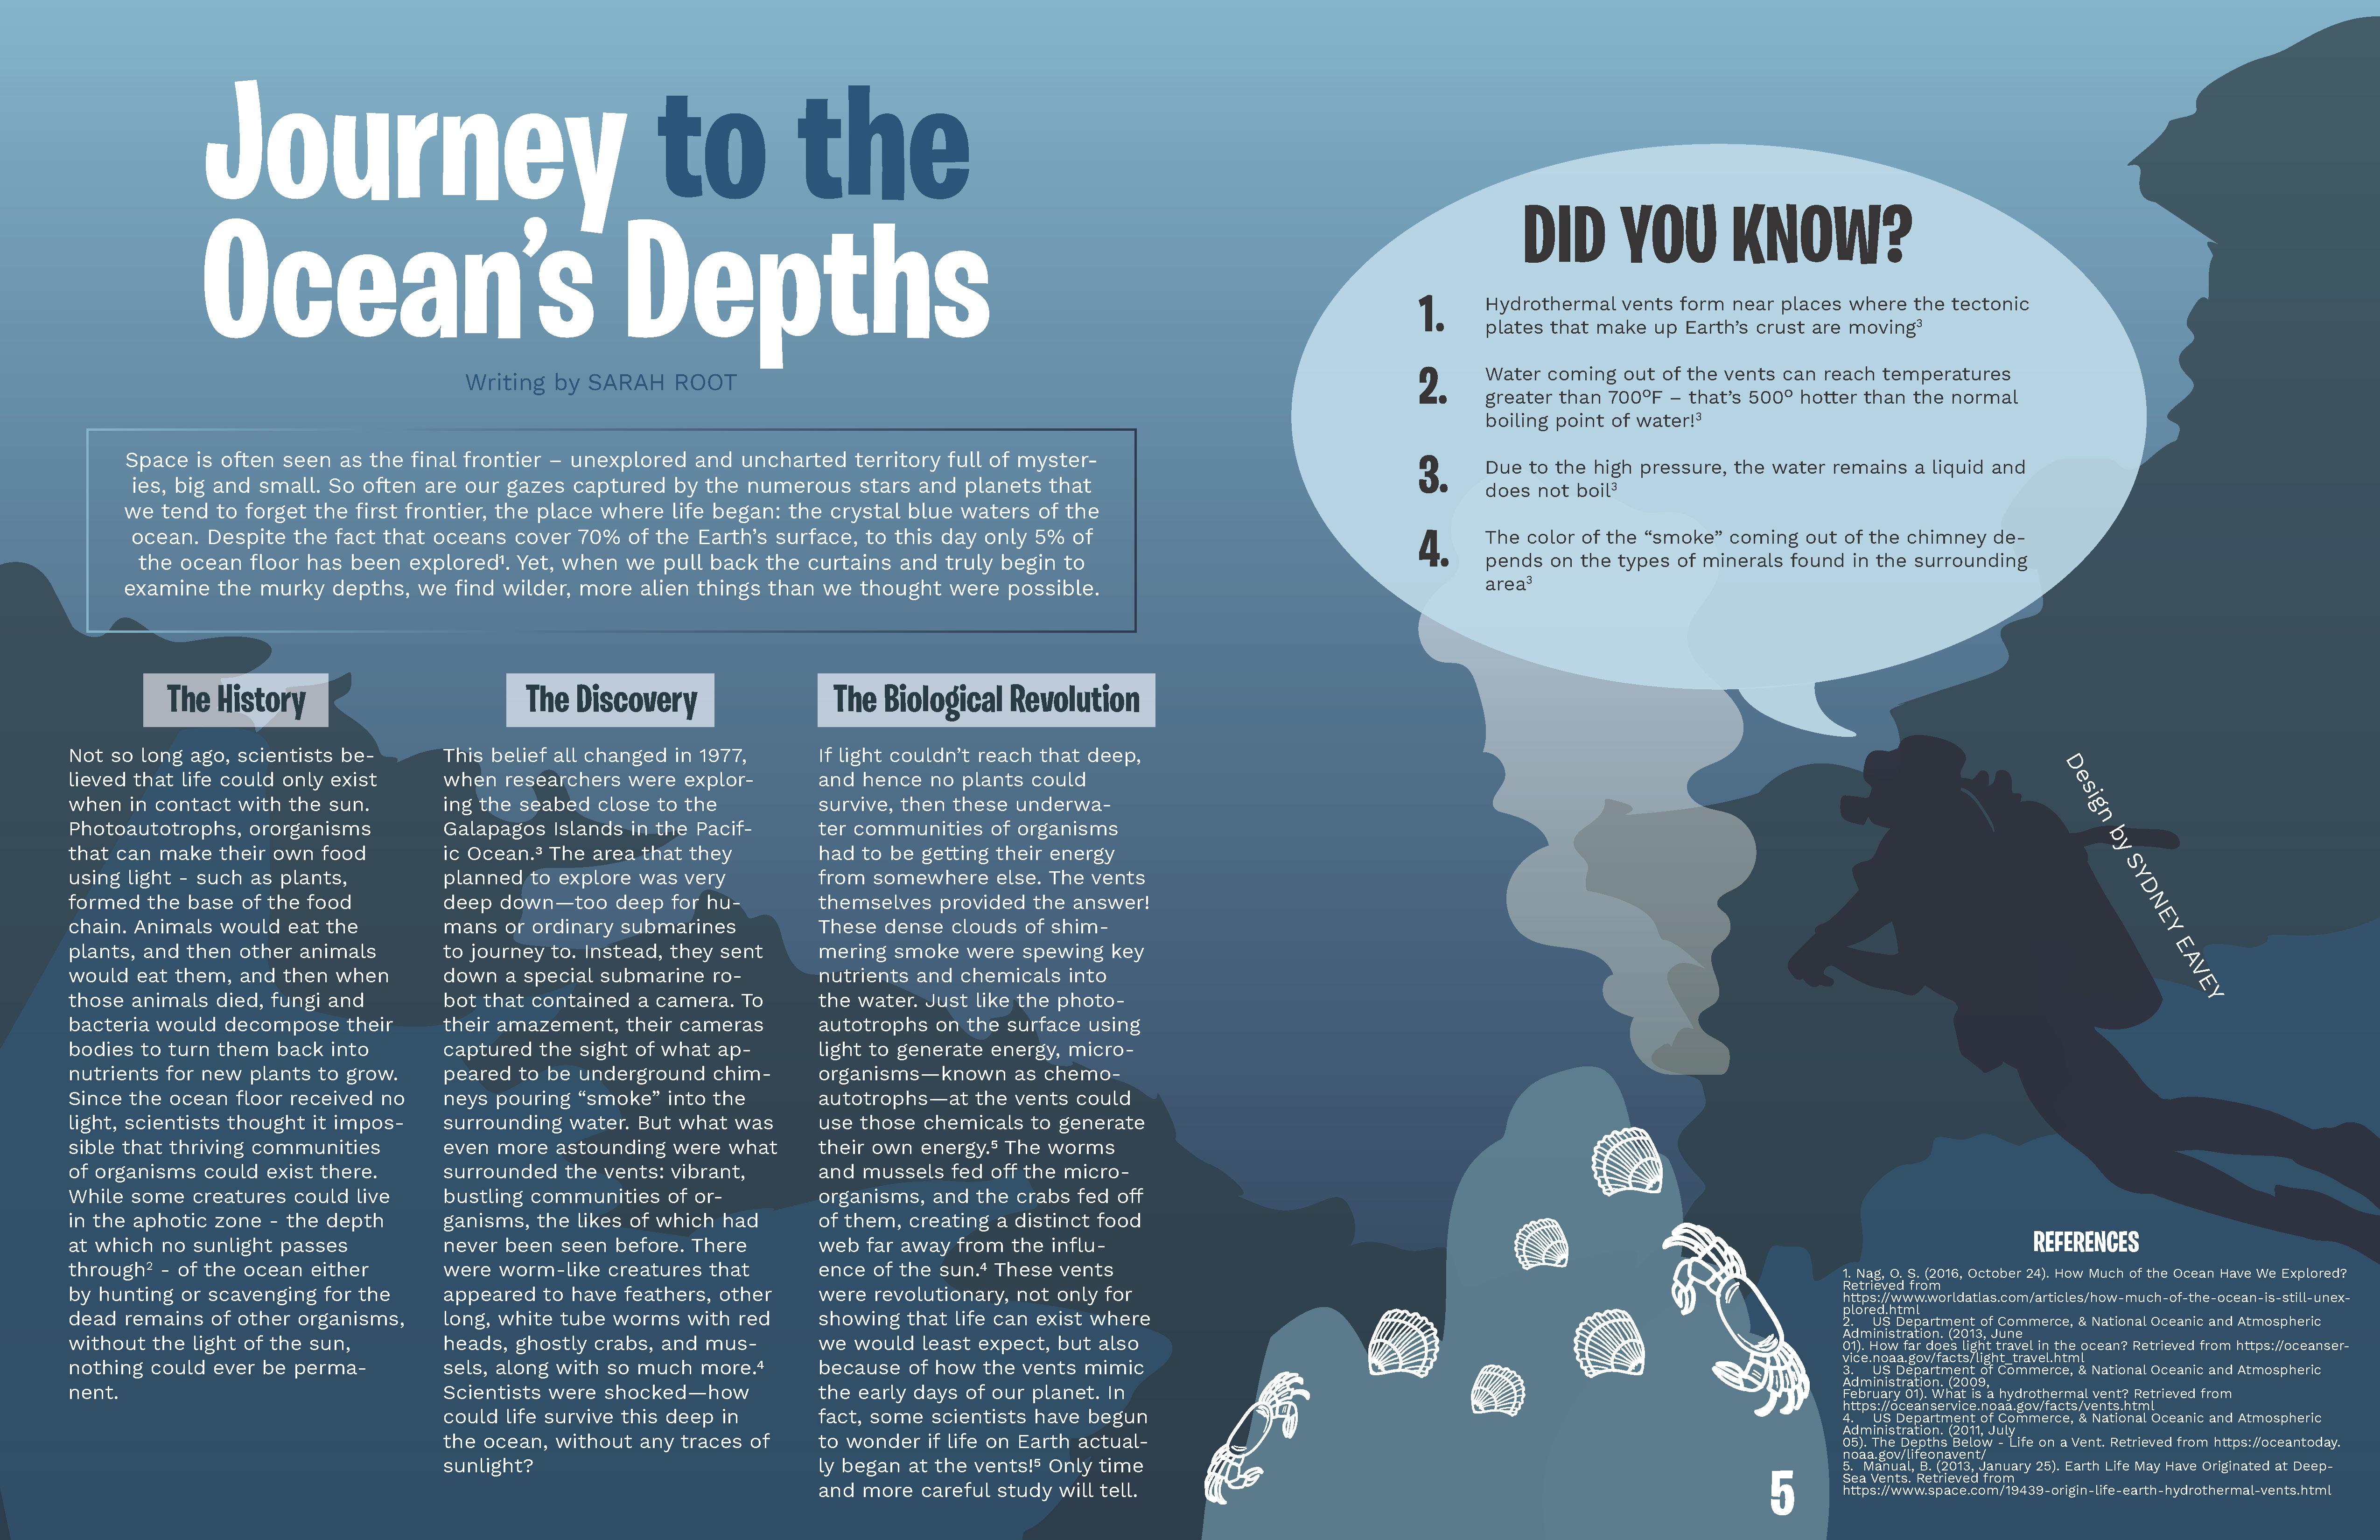 Journey to the Ocean's Depths